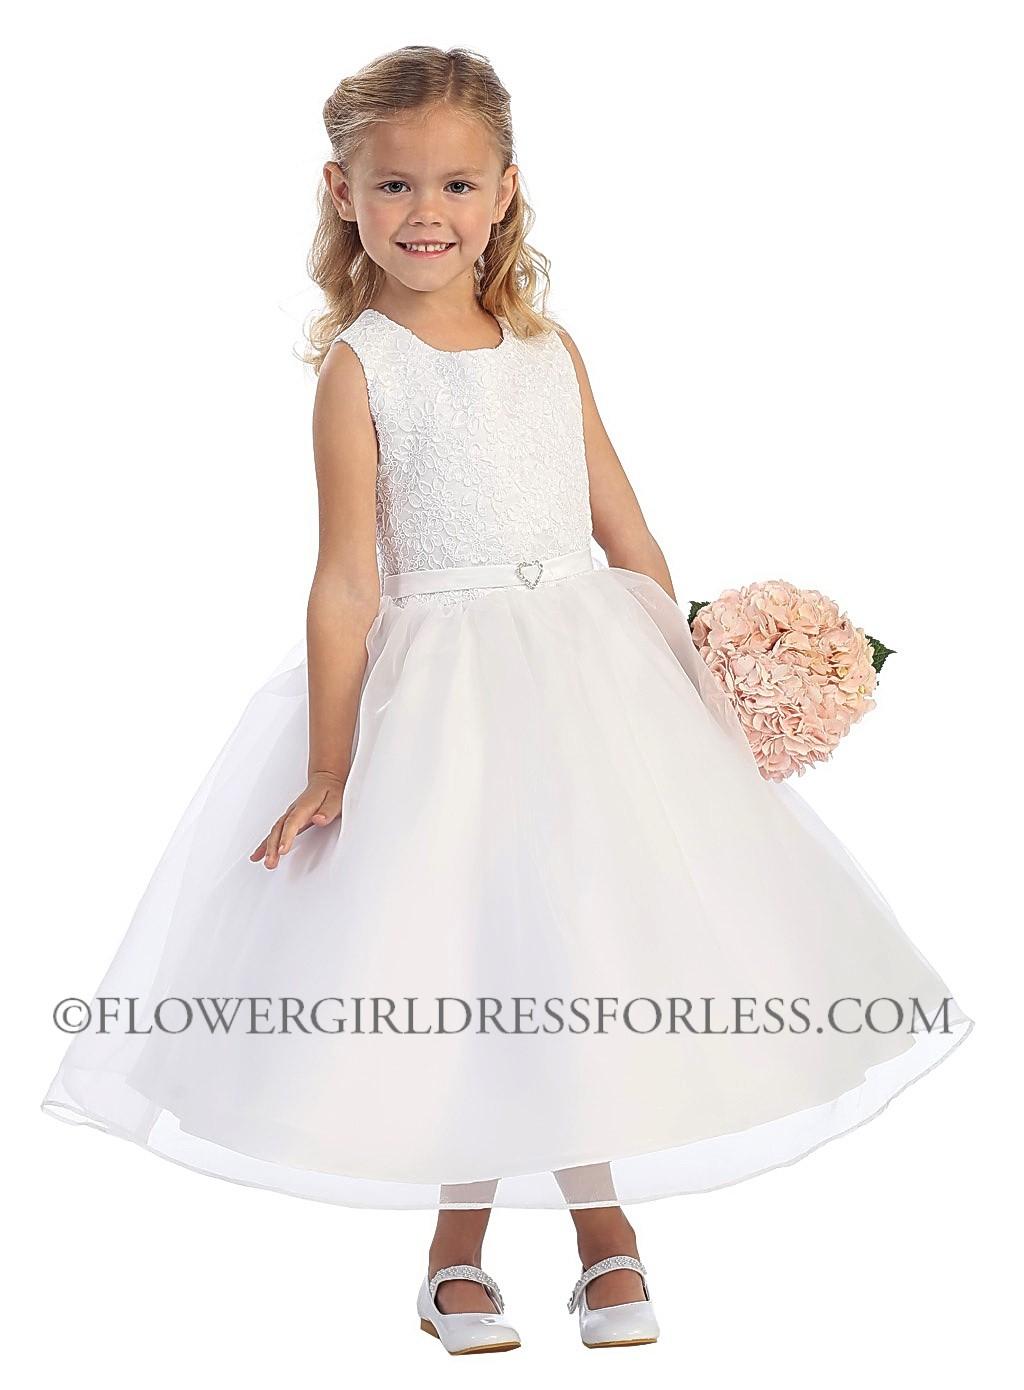 flower girl dresses on Pinterest